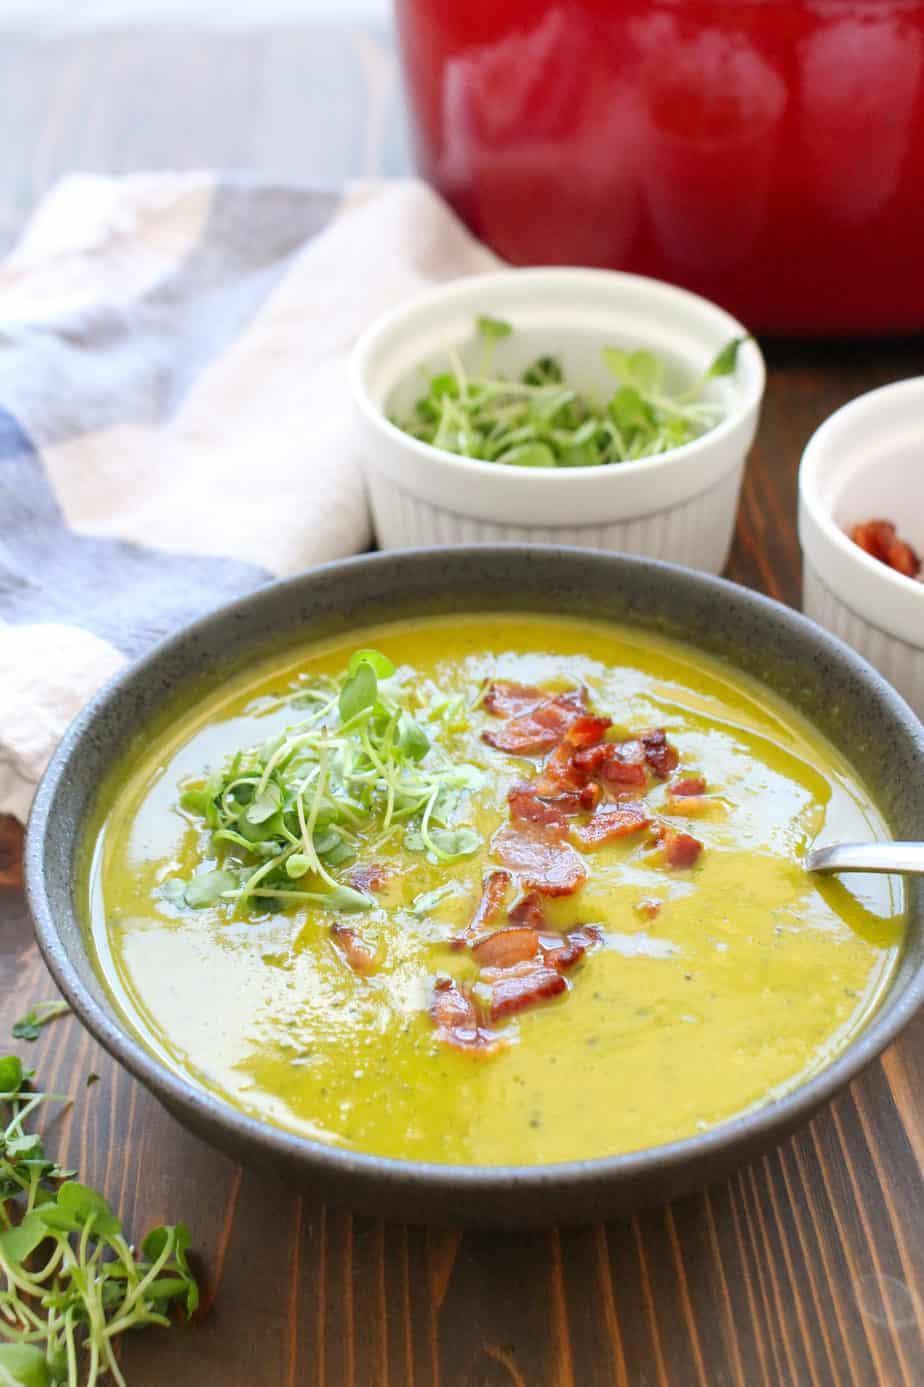 Kabocha Squash Bacon Soup by Frugal Nutrition #lowfodmap